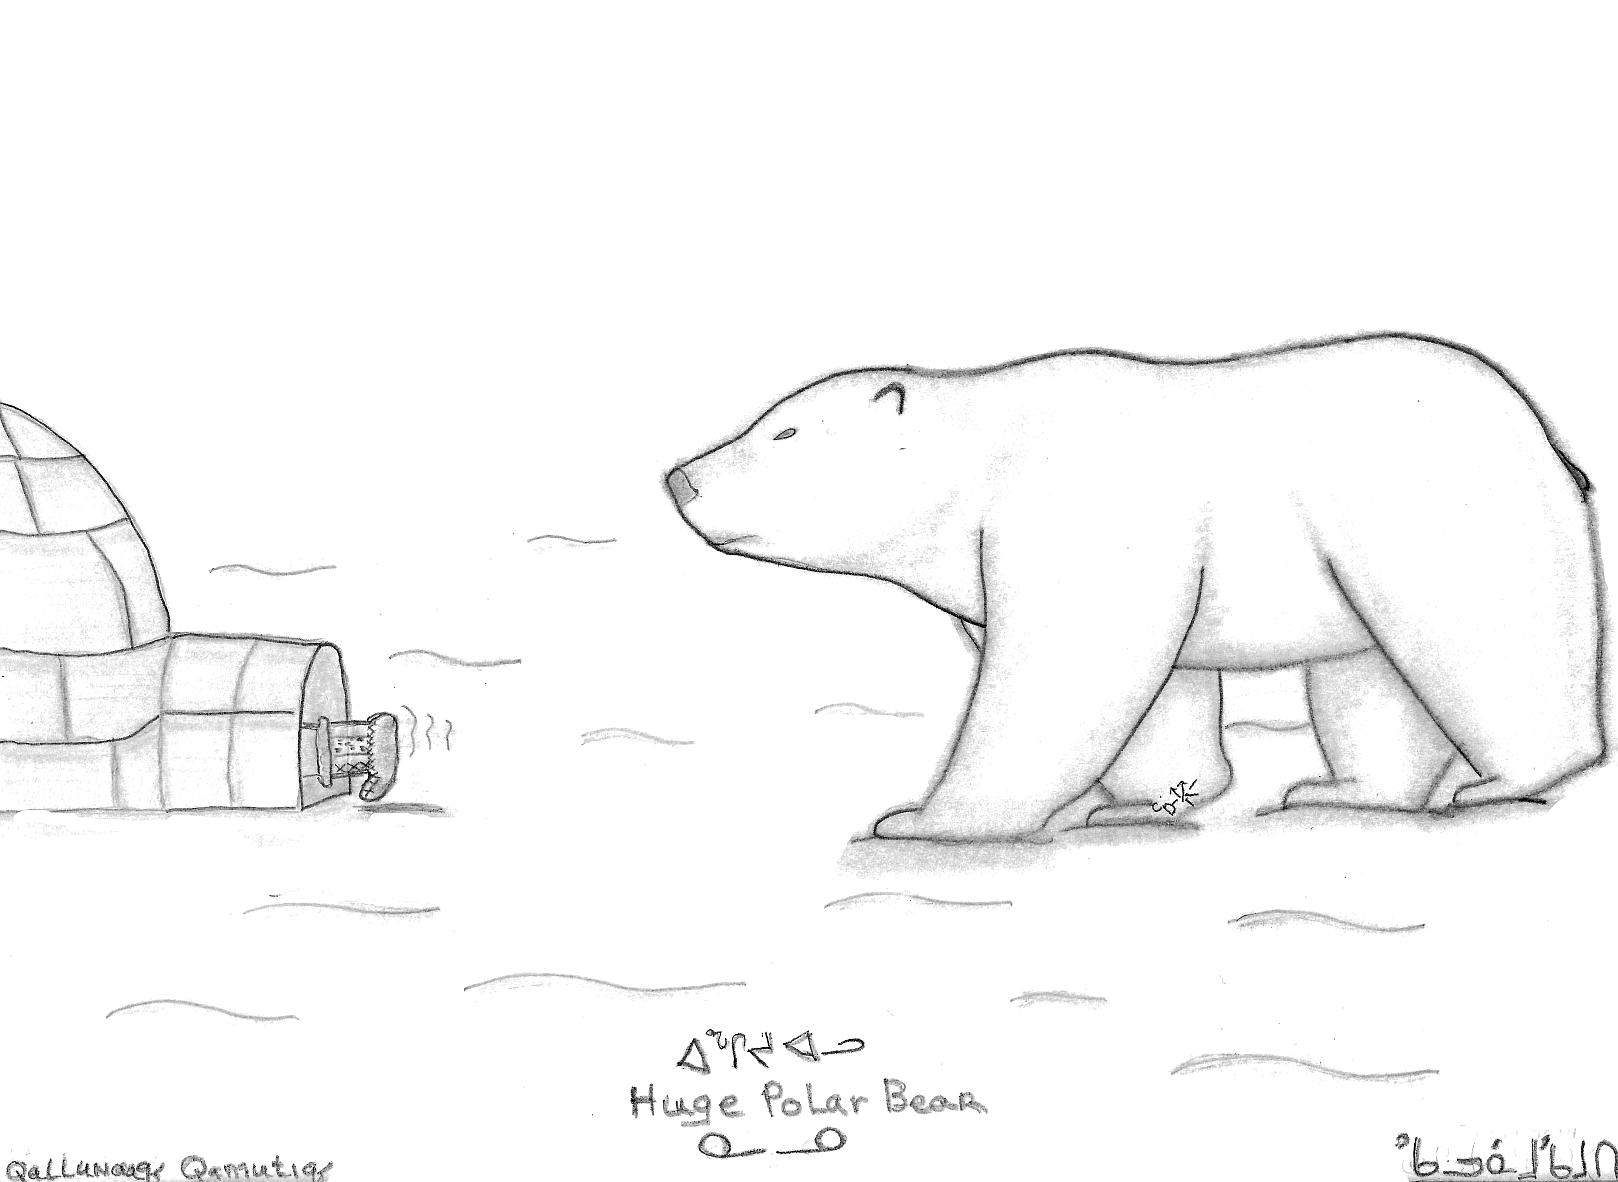 Drawn polar  bear thumbnail Wikimedia jpg File:Huge Polar Bear